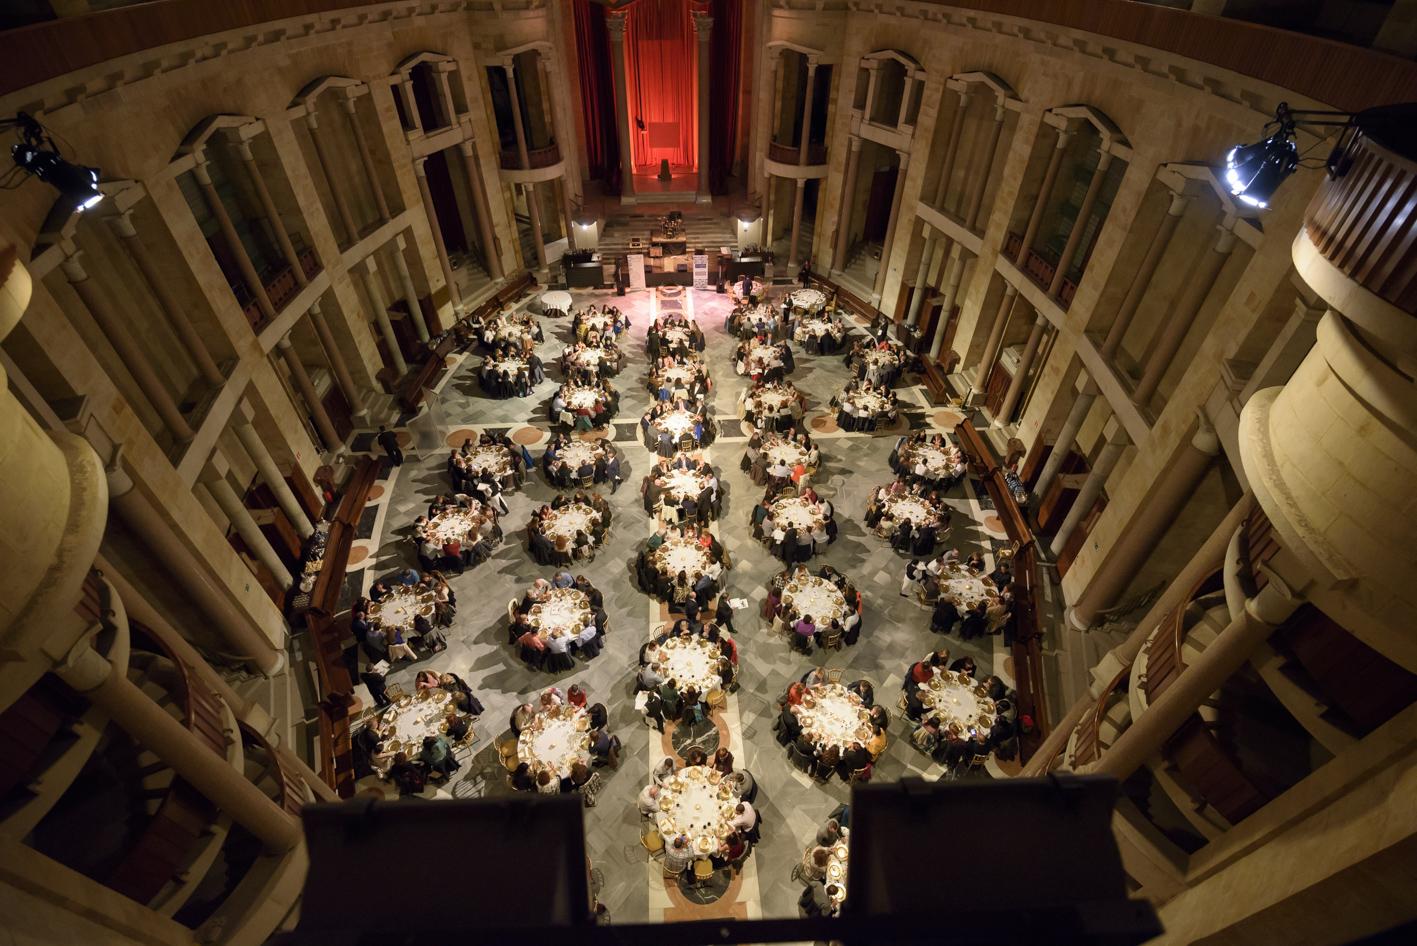 Vista cenital de la capilla de Laboral durante una cena.